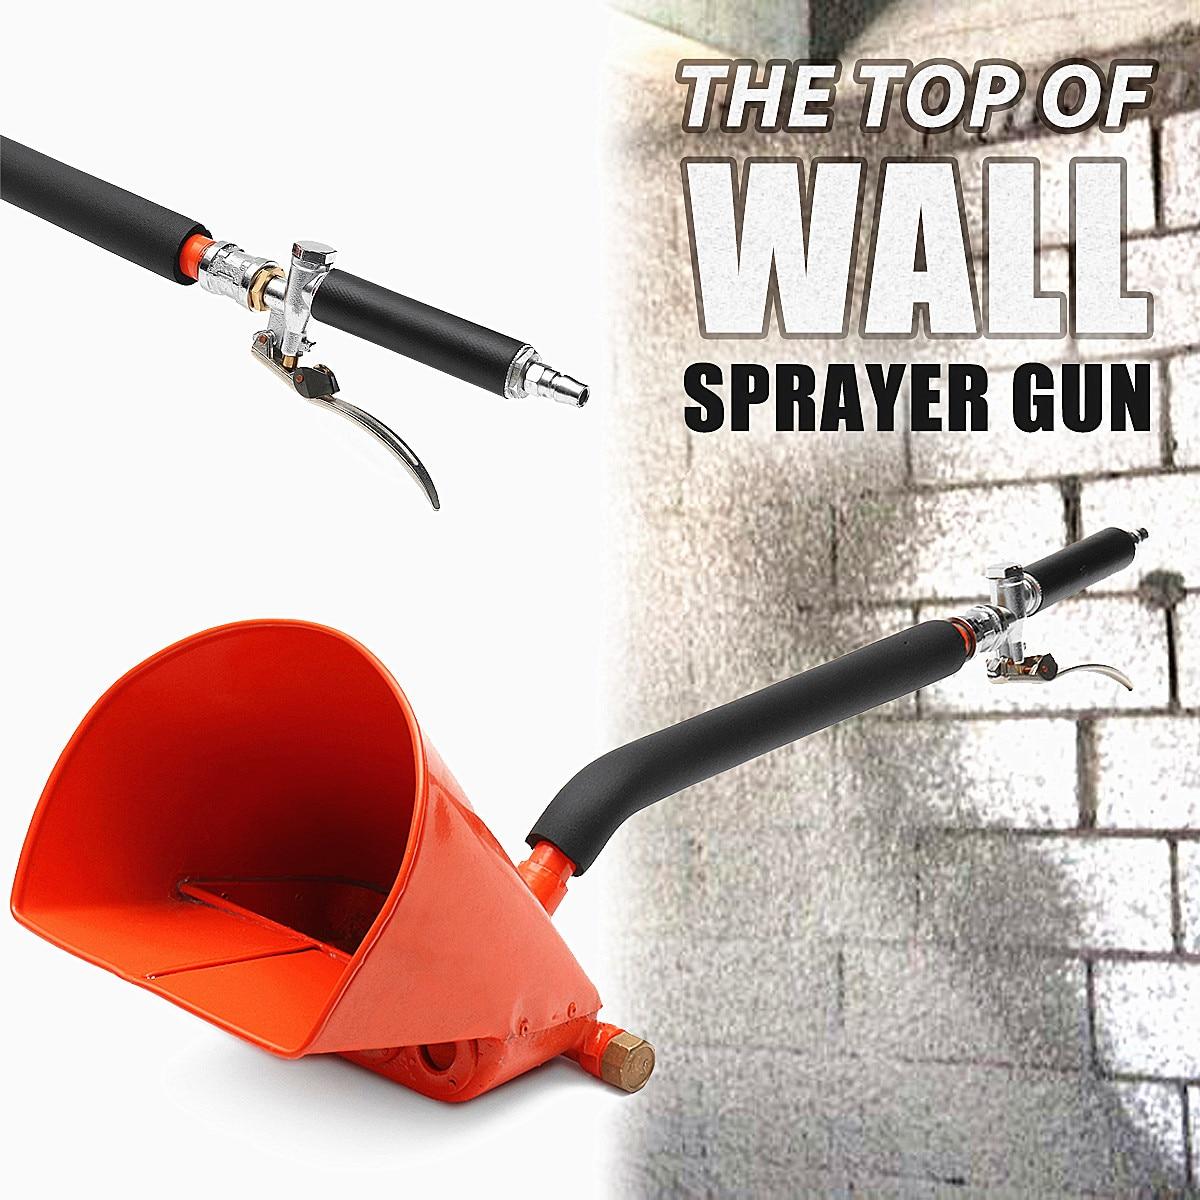 купить 4 Jets Stucco Shovel Hopper Ladle Cement Spray Guns Plaster Hopper Sprayer Air Stucco Sprayer Mortar Sprayer Wall Mortar Guns онлайн